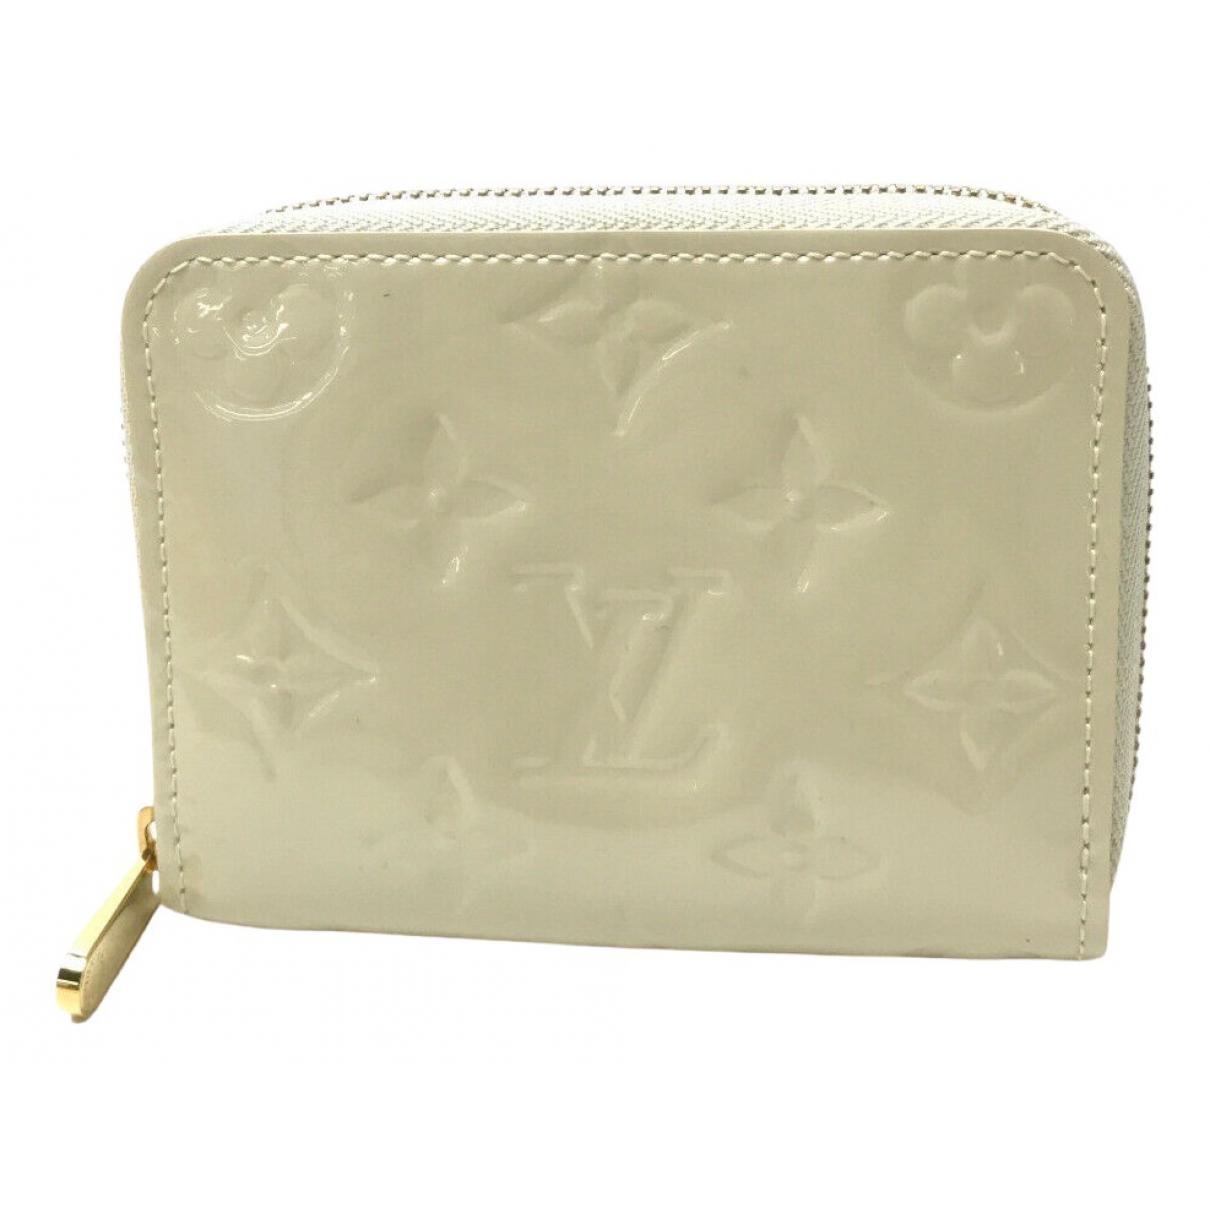 Louis Vuitton - Portefeuille Zippy pour femme en cuir verni - ecru